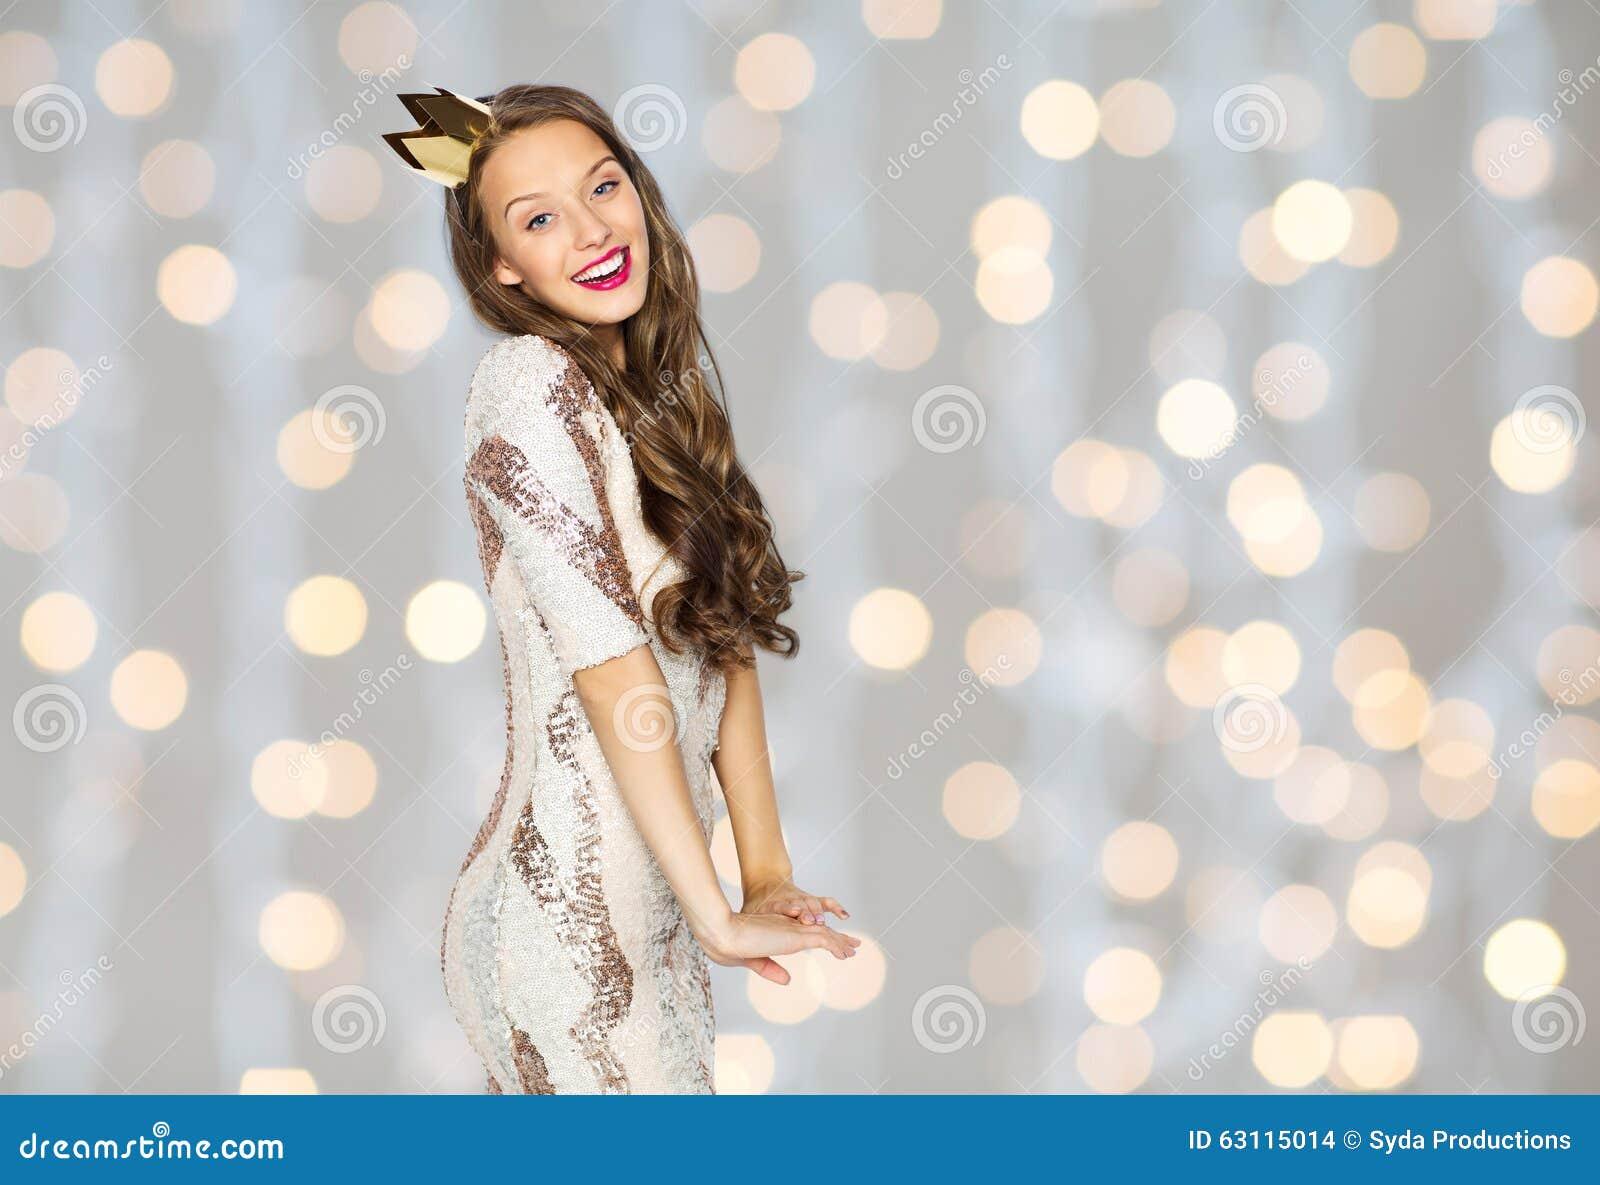 Vestidos de fiesta gente joven